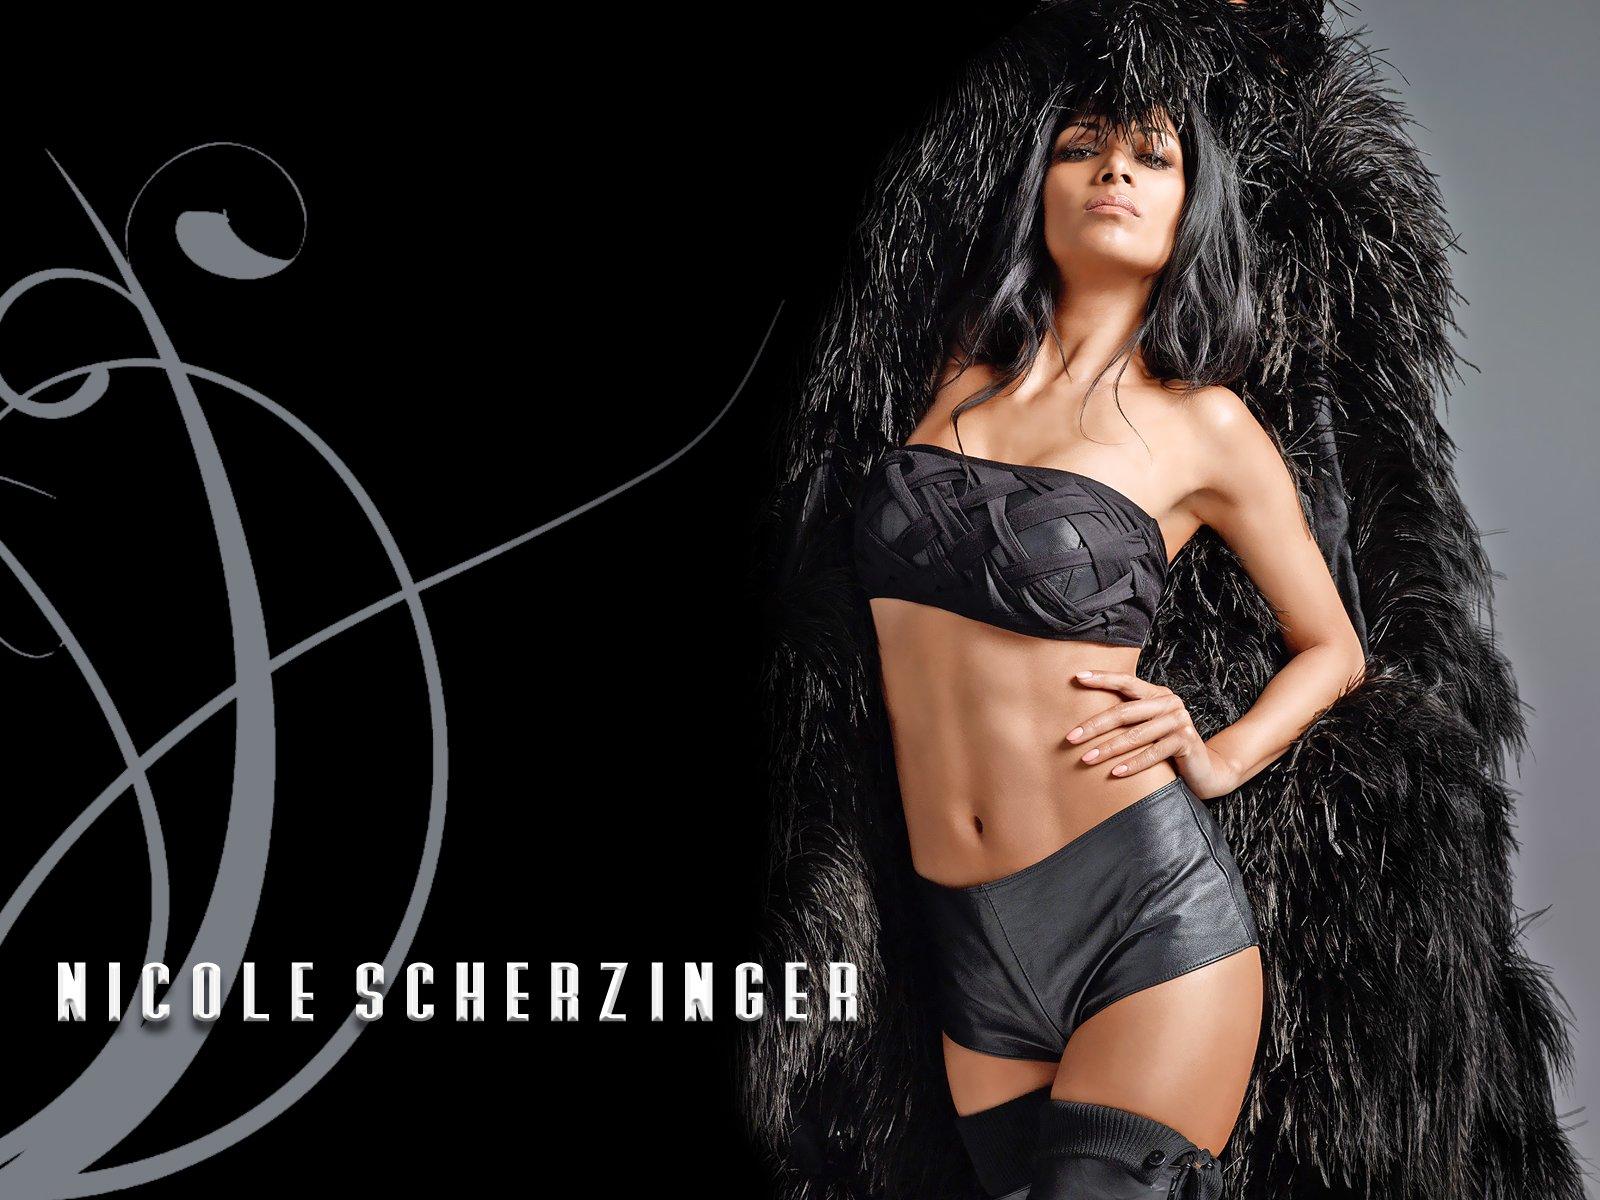 http://3.bp.blogspot.com/-eXOOCS3x3l4/TtUlomwR_EI/AAAAAAAAAN8/A_1s4iJC3Ng/s1600/Nicole-Scherzinger-2011-hot-wallpaper-hd-1600x1200+%25282%2529.jpg